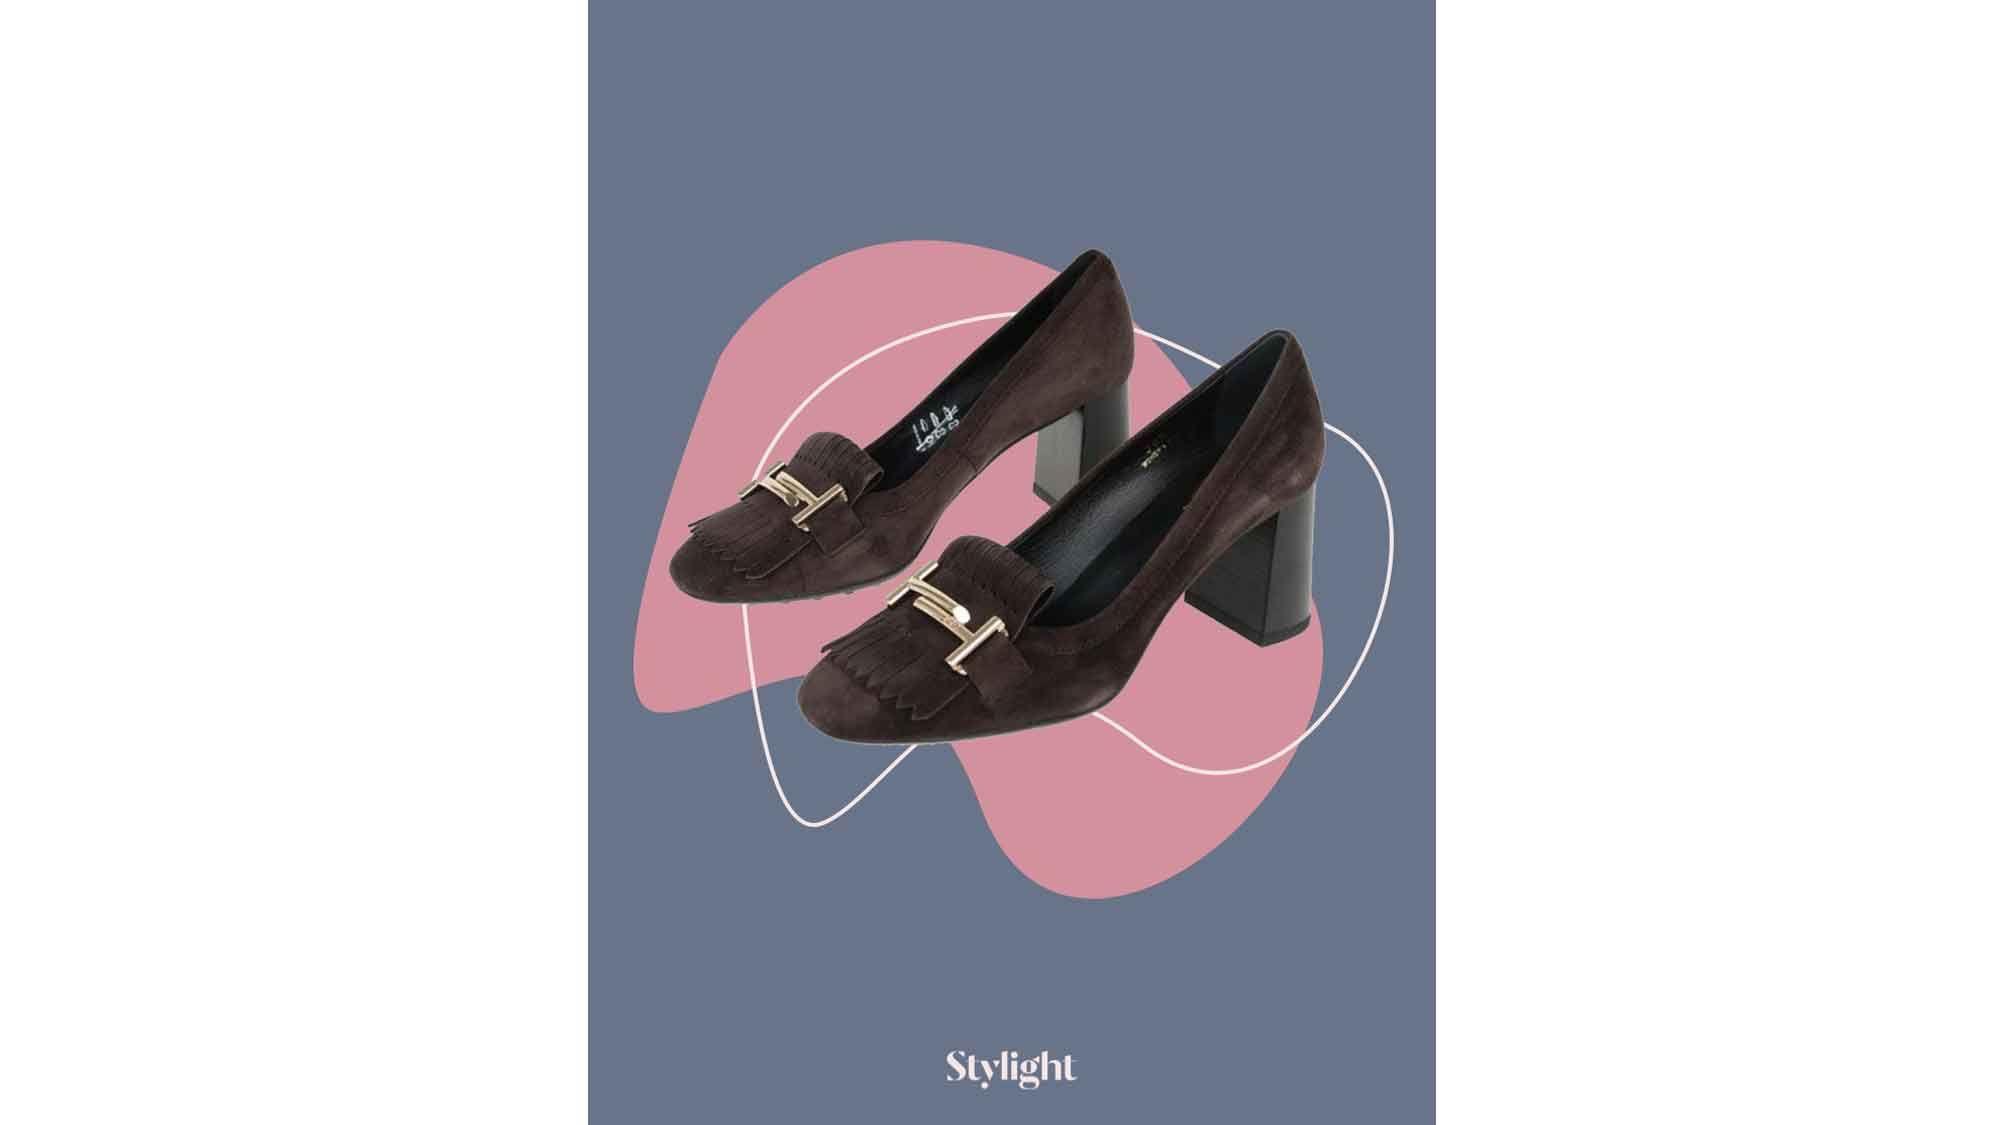 stylight-sandalenloafers-mit-absatz.jpg